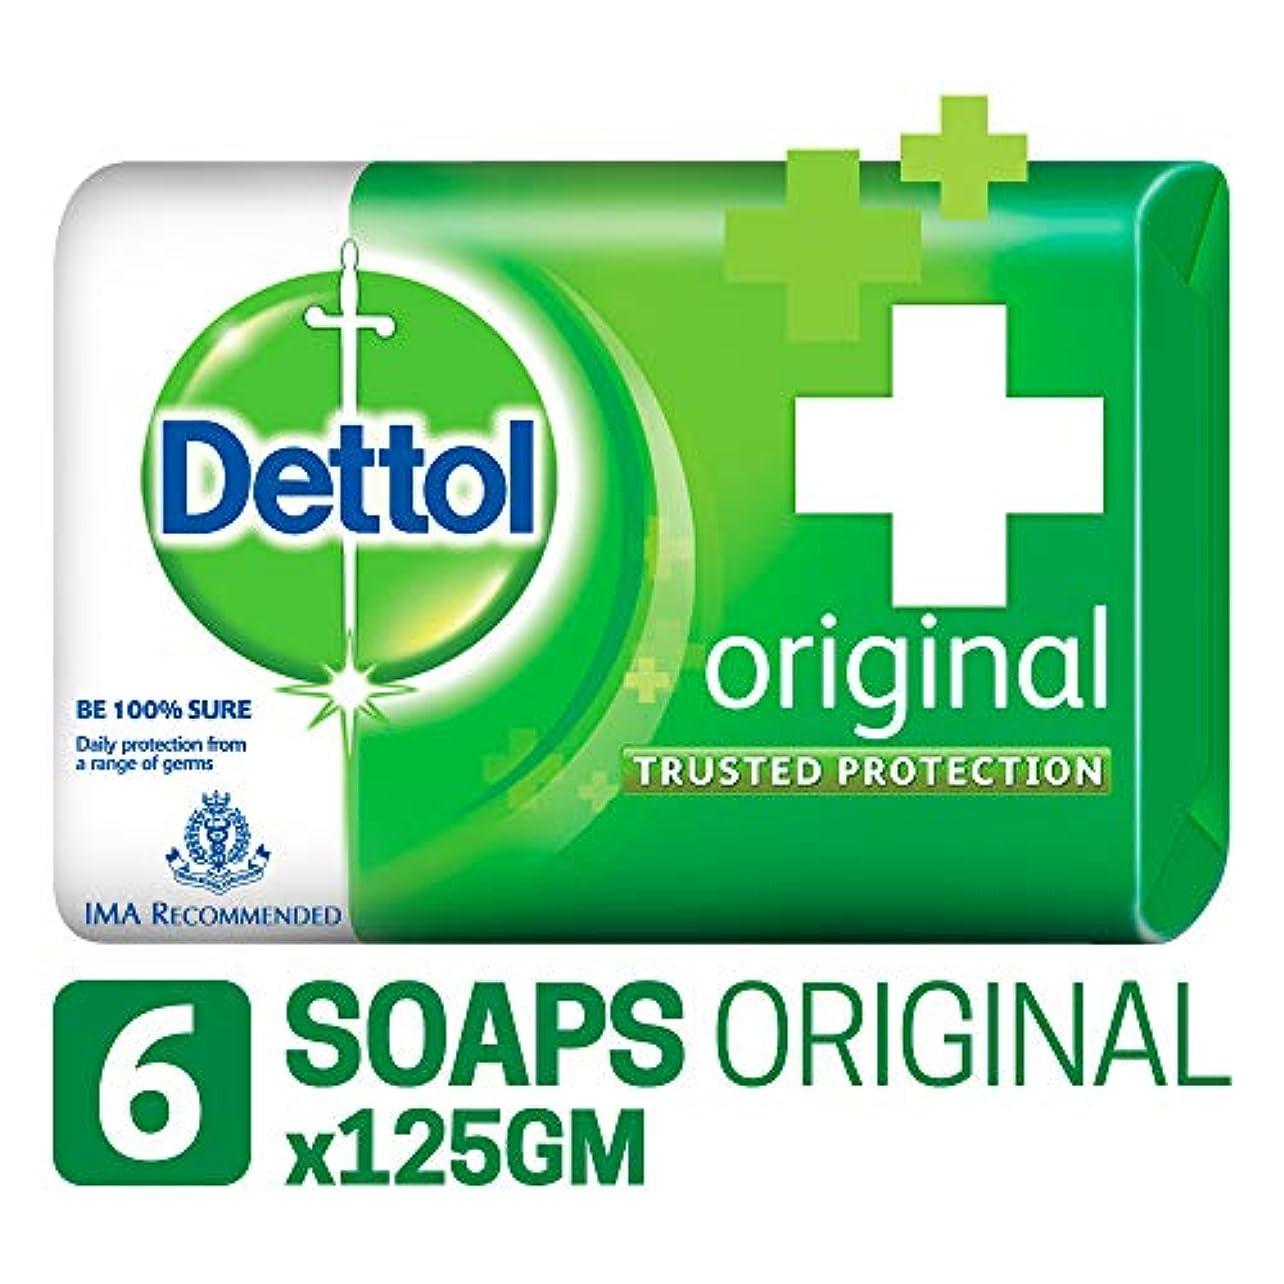 不信悲惨圧倒的Dettol Original Soap, 125g (Pack Of 6) SHIP FROM INDIA